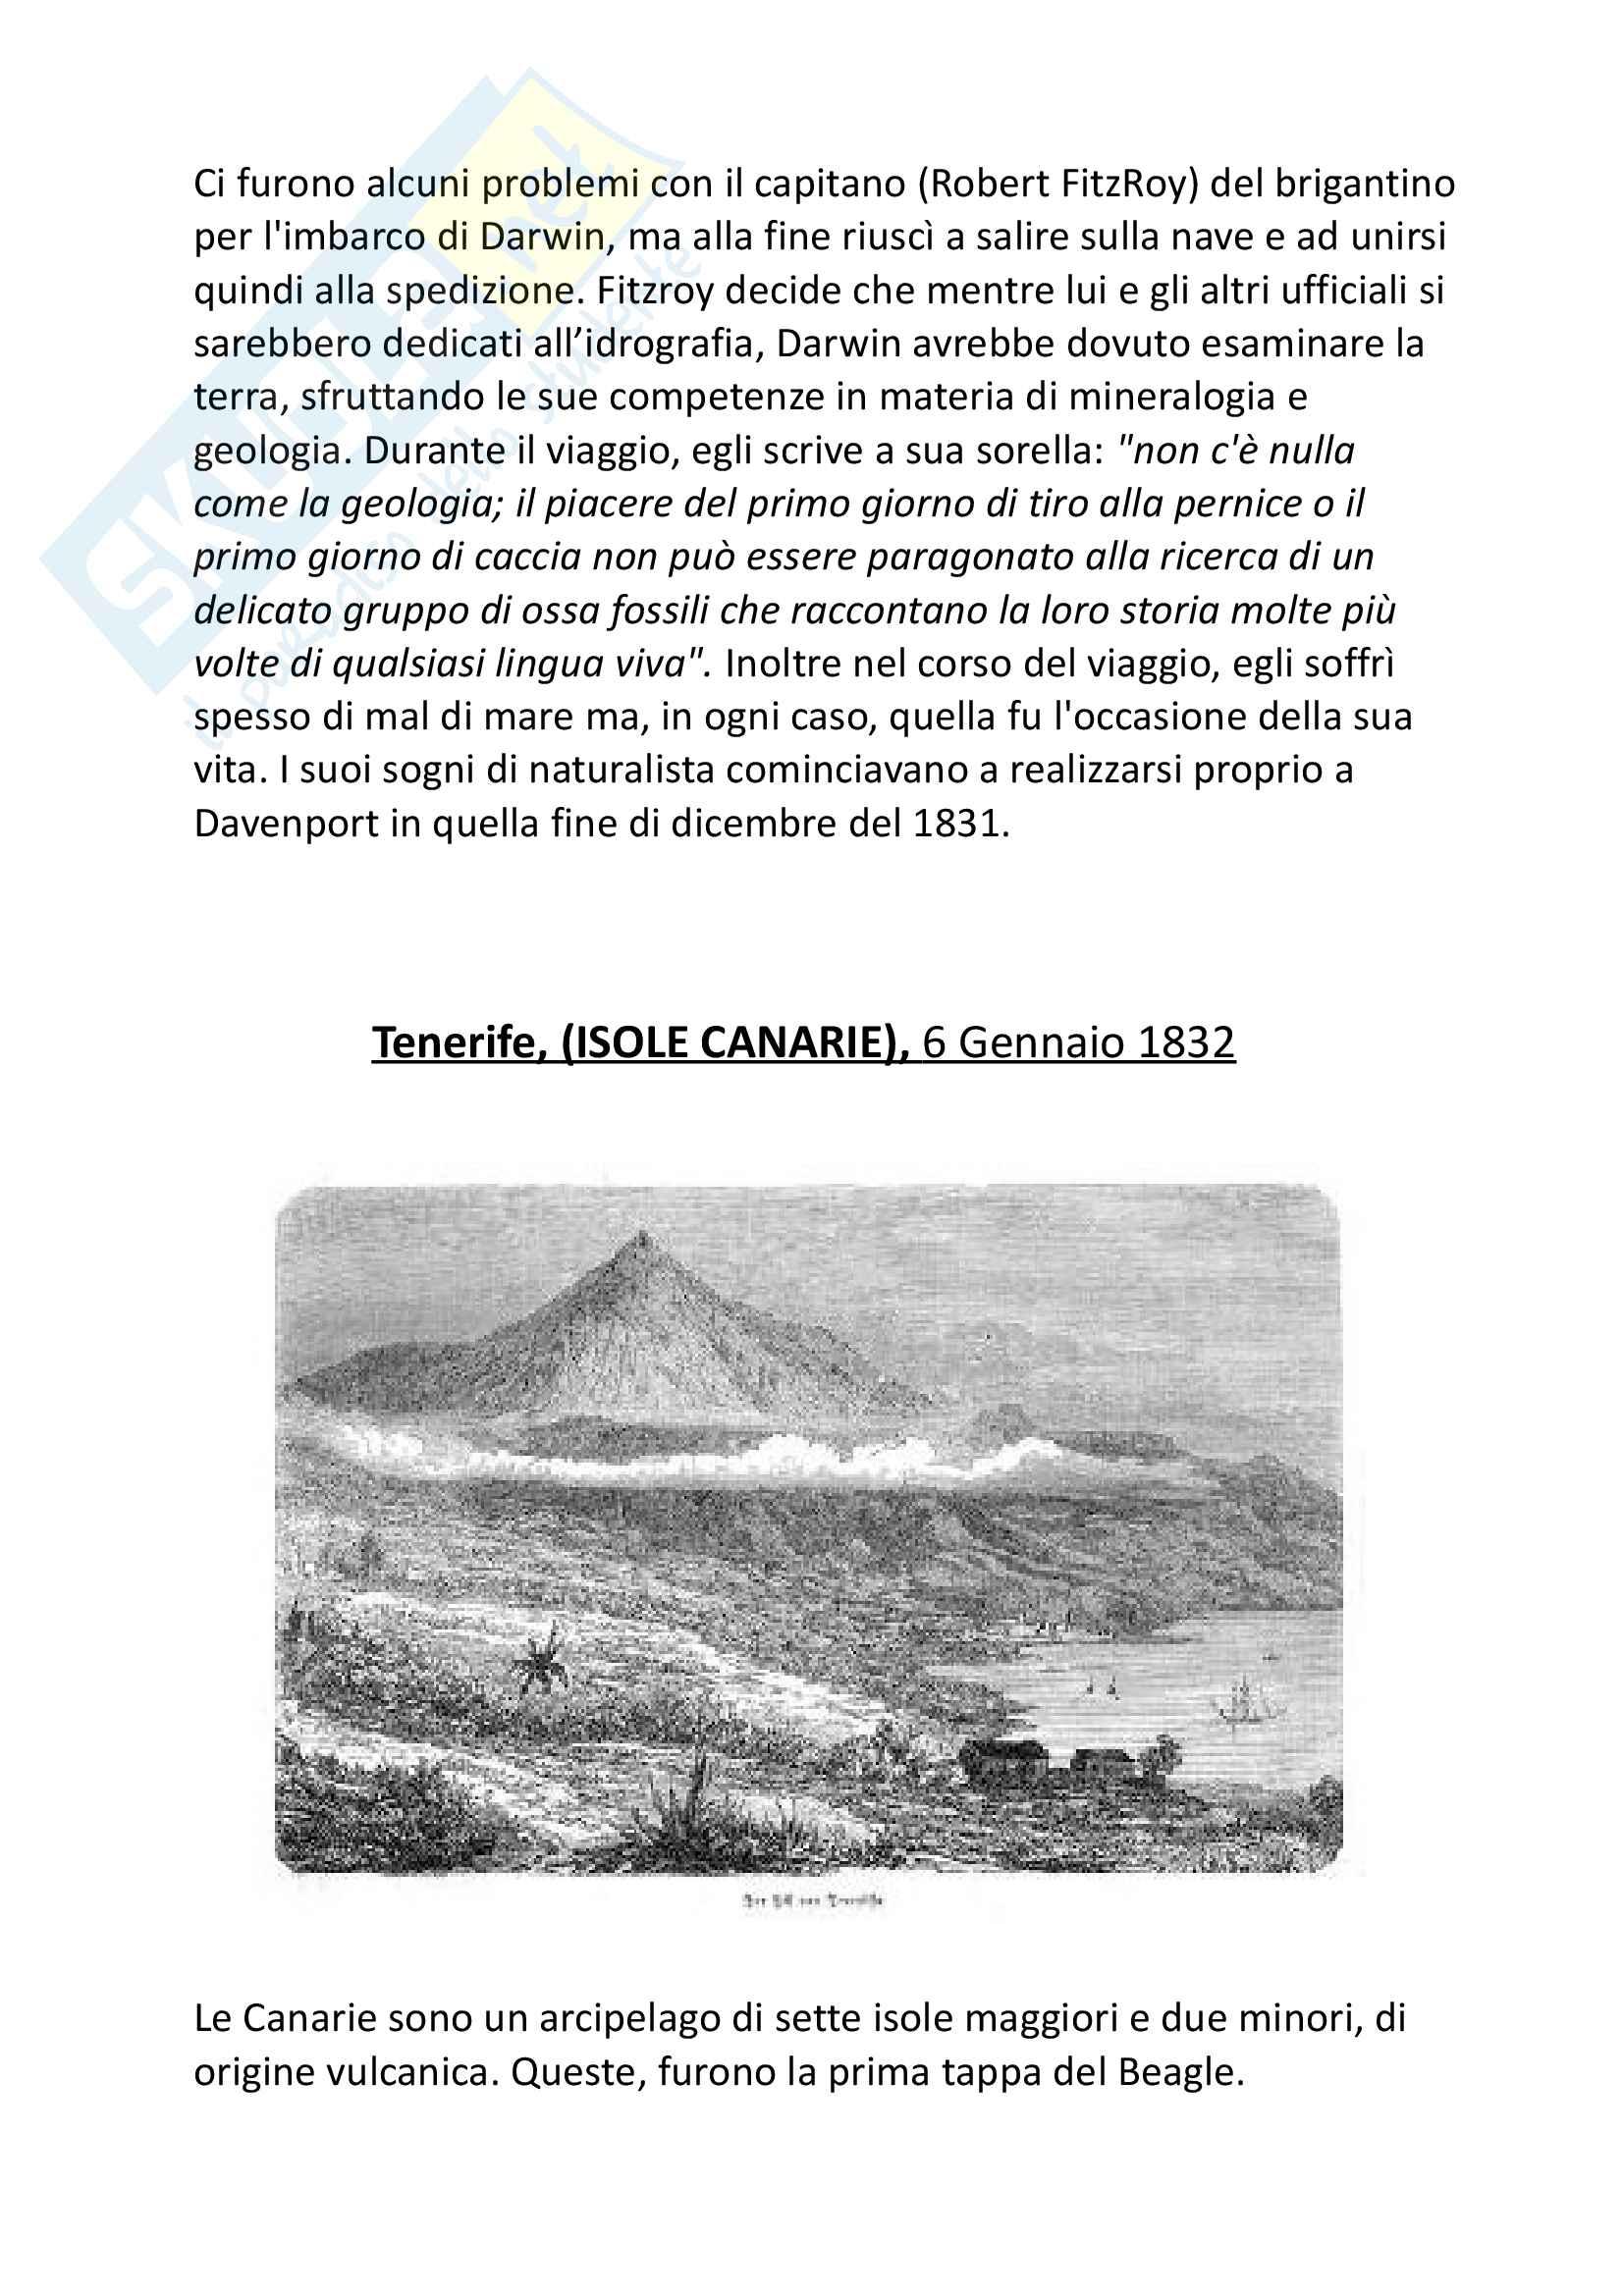 Tesina esame a scelta Storia della Scienza, Prof. Di Gregorio, Darwin e il Viaggio sul Beagle Pag. 6